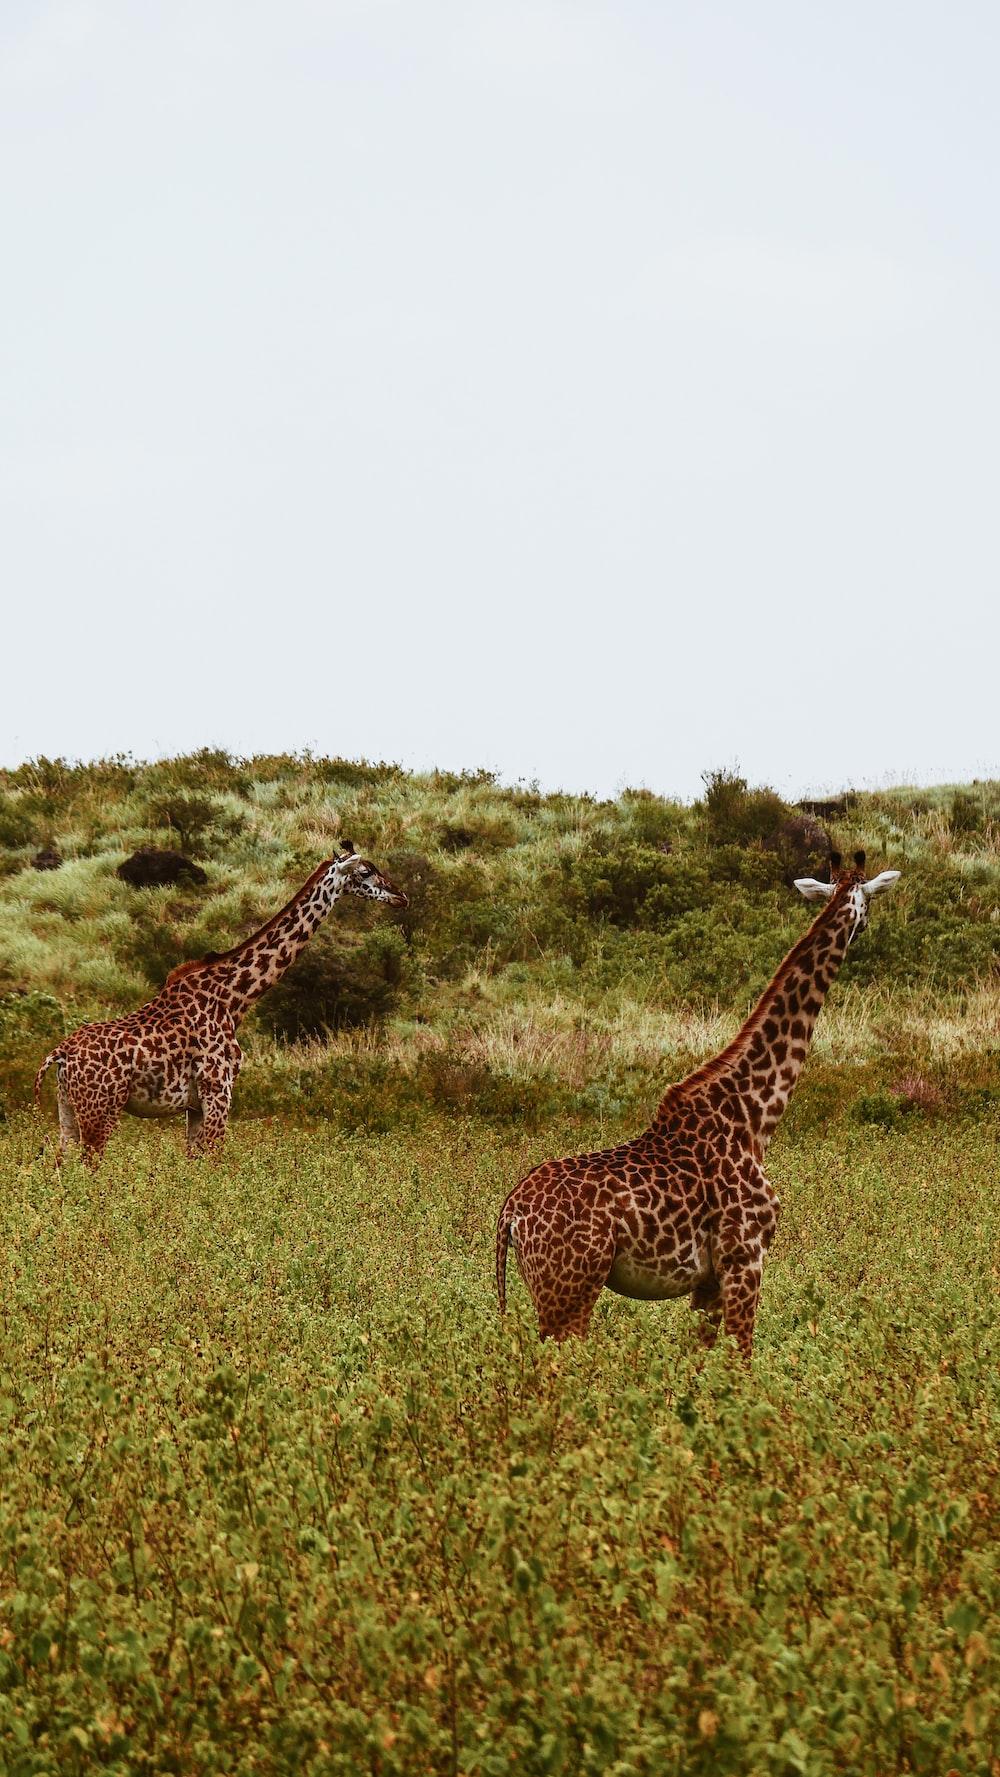 two giraffes on grass